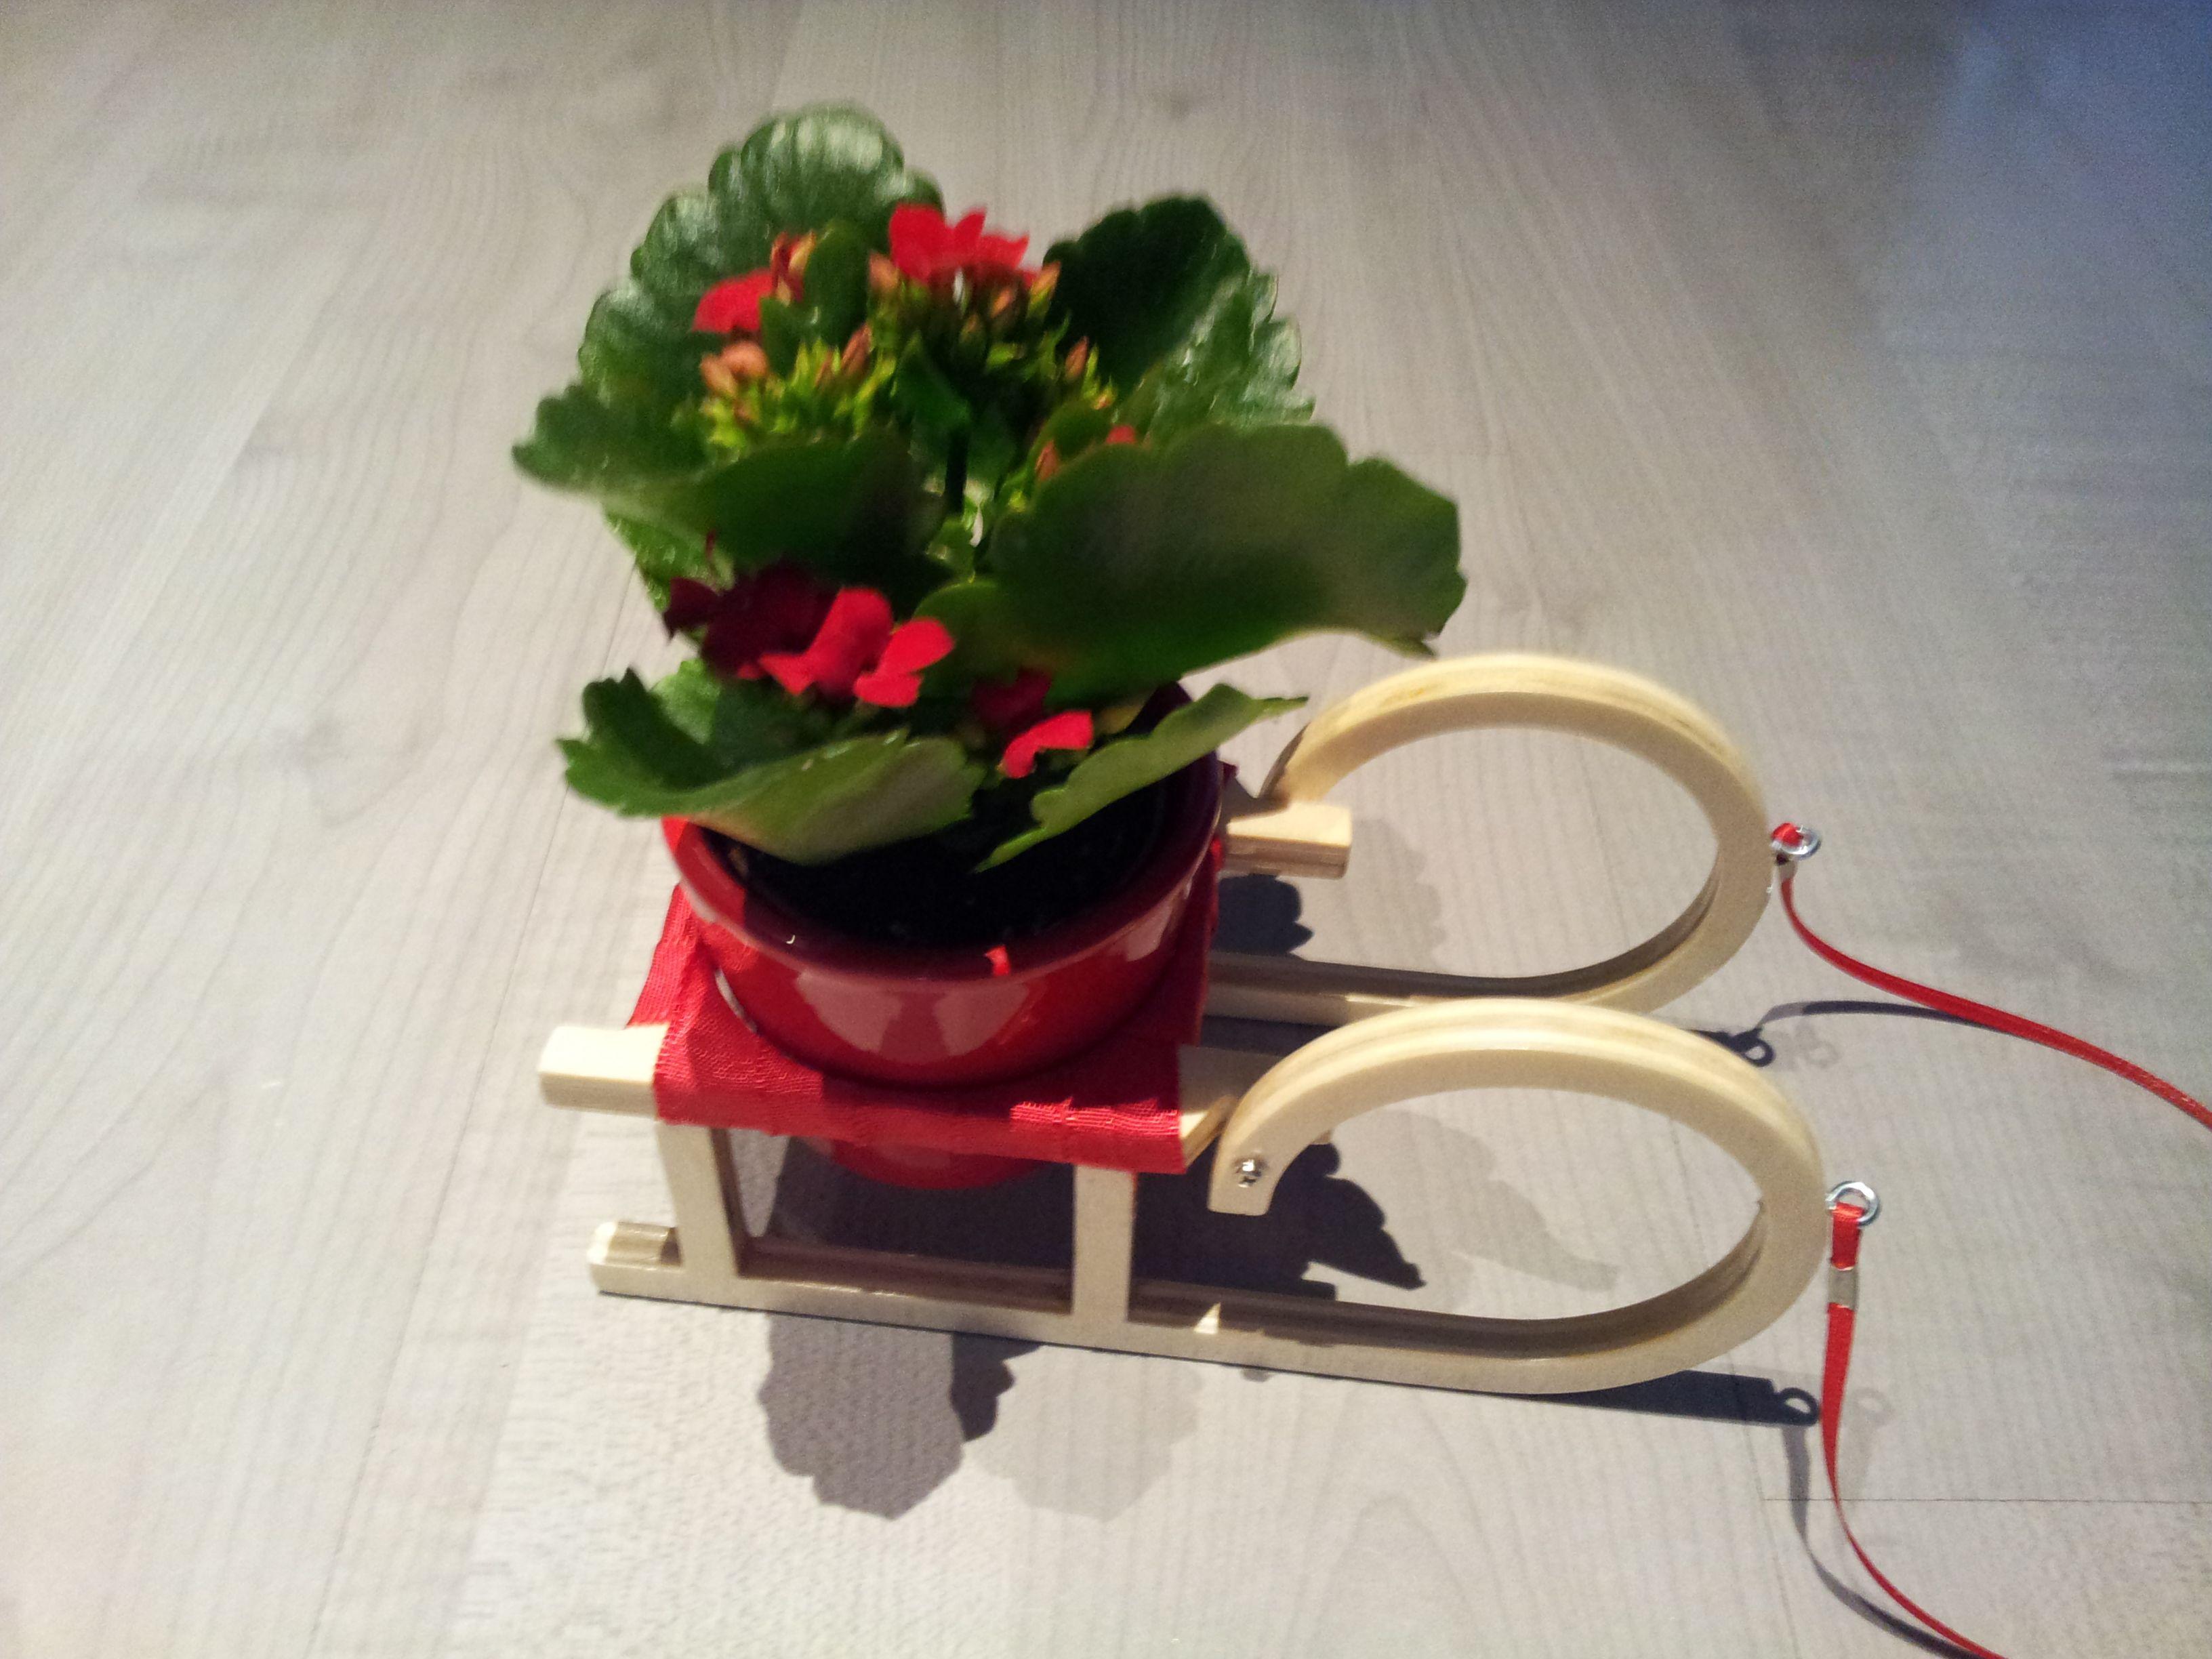 Schlitten für einen kleinen Blumentopf. Der Rahmen ist aus Laubsägesperrholz (mit Porenfüller behandelt), die Sitzfläche wurde mit Geschenkband bespannt, die Leine ist ebenfalls aus Geschenkband. Die Kufen sind aus Alu.